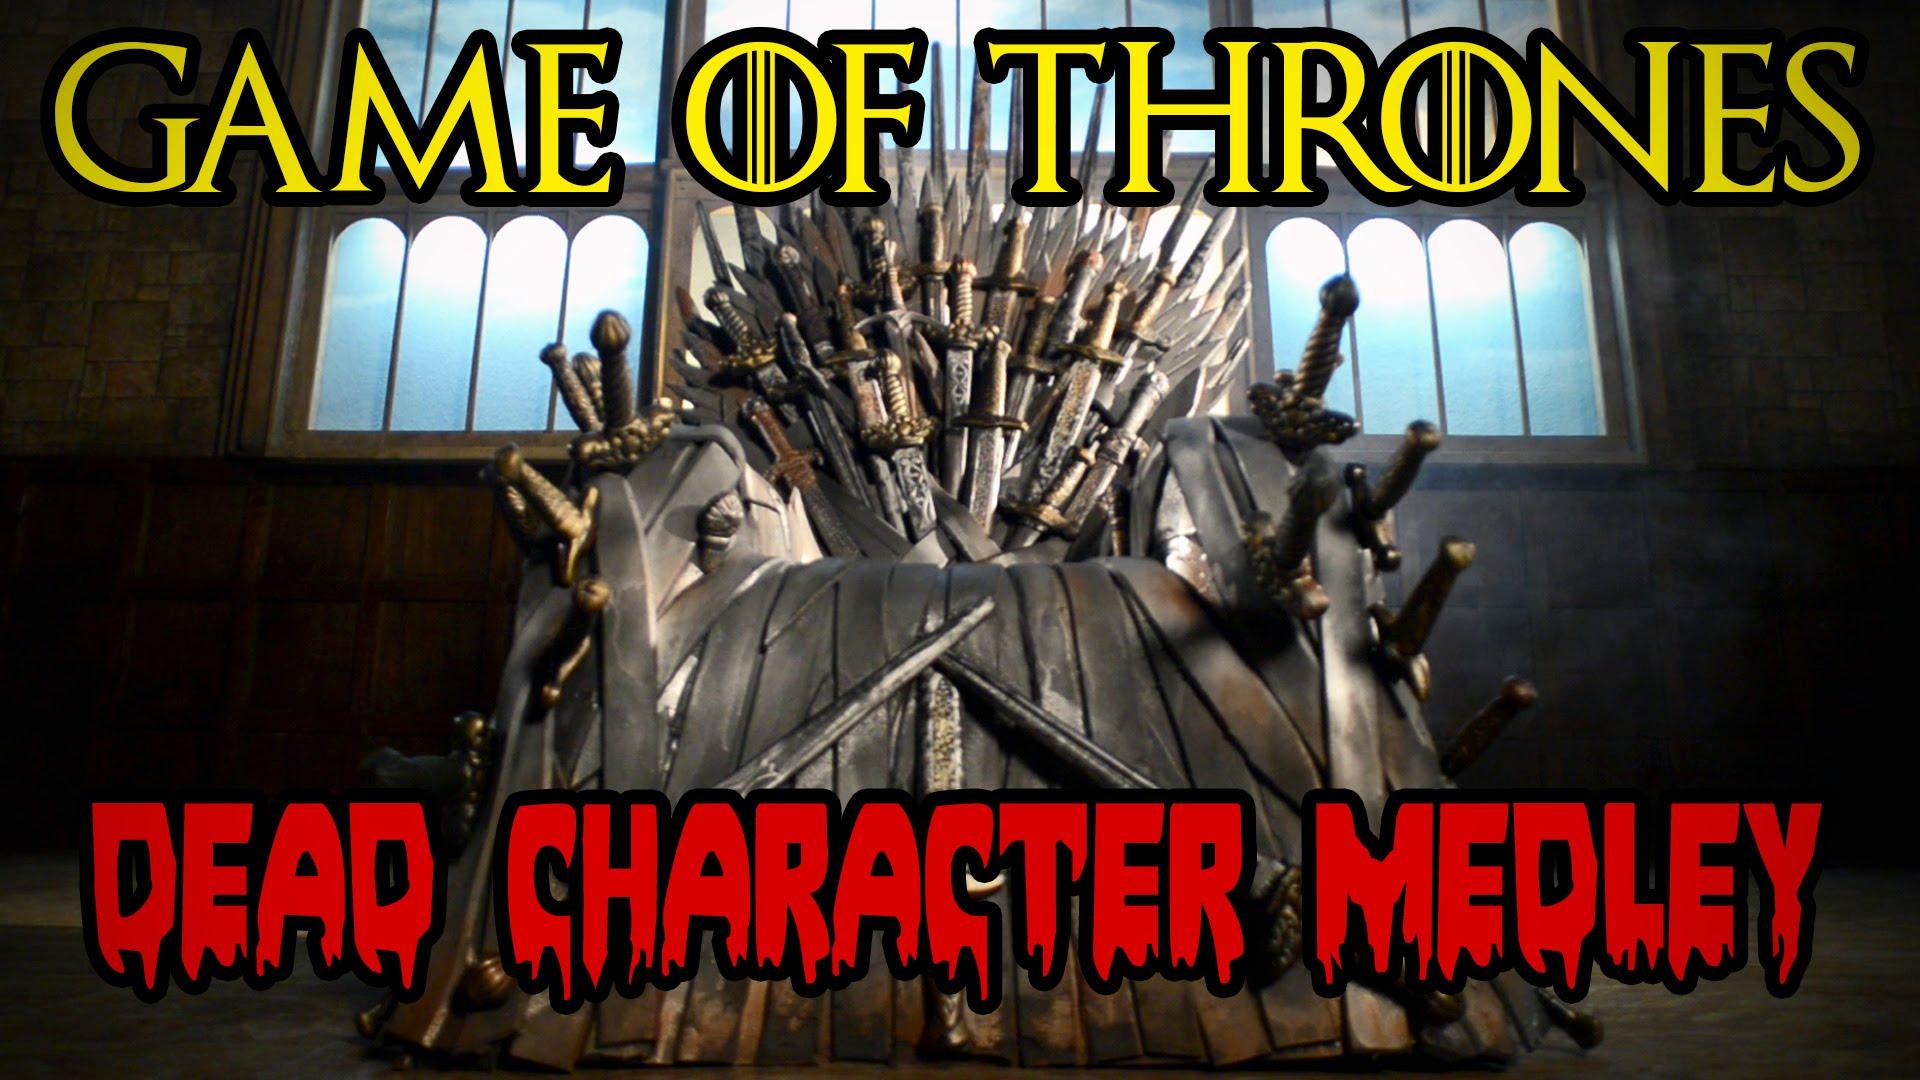 """""""Game of Thrones"""": Dead Charakter Medley (Spoiler)"""